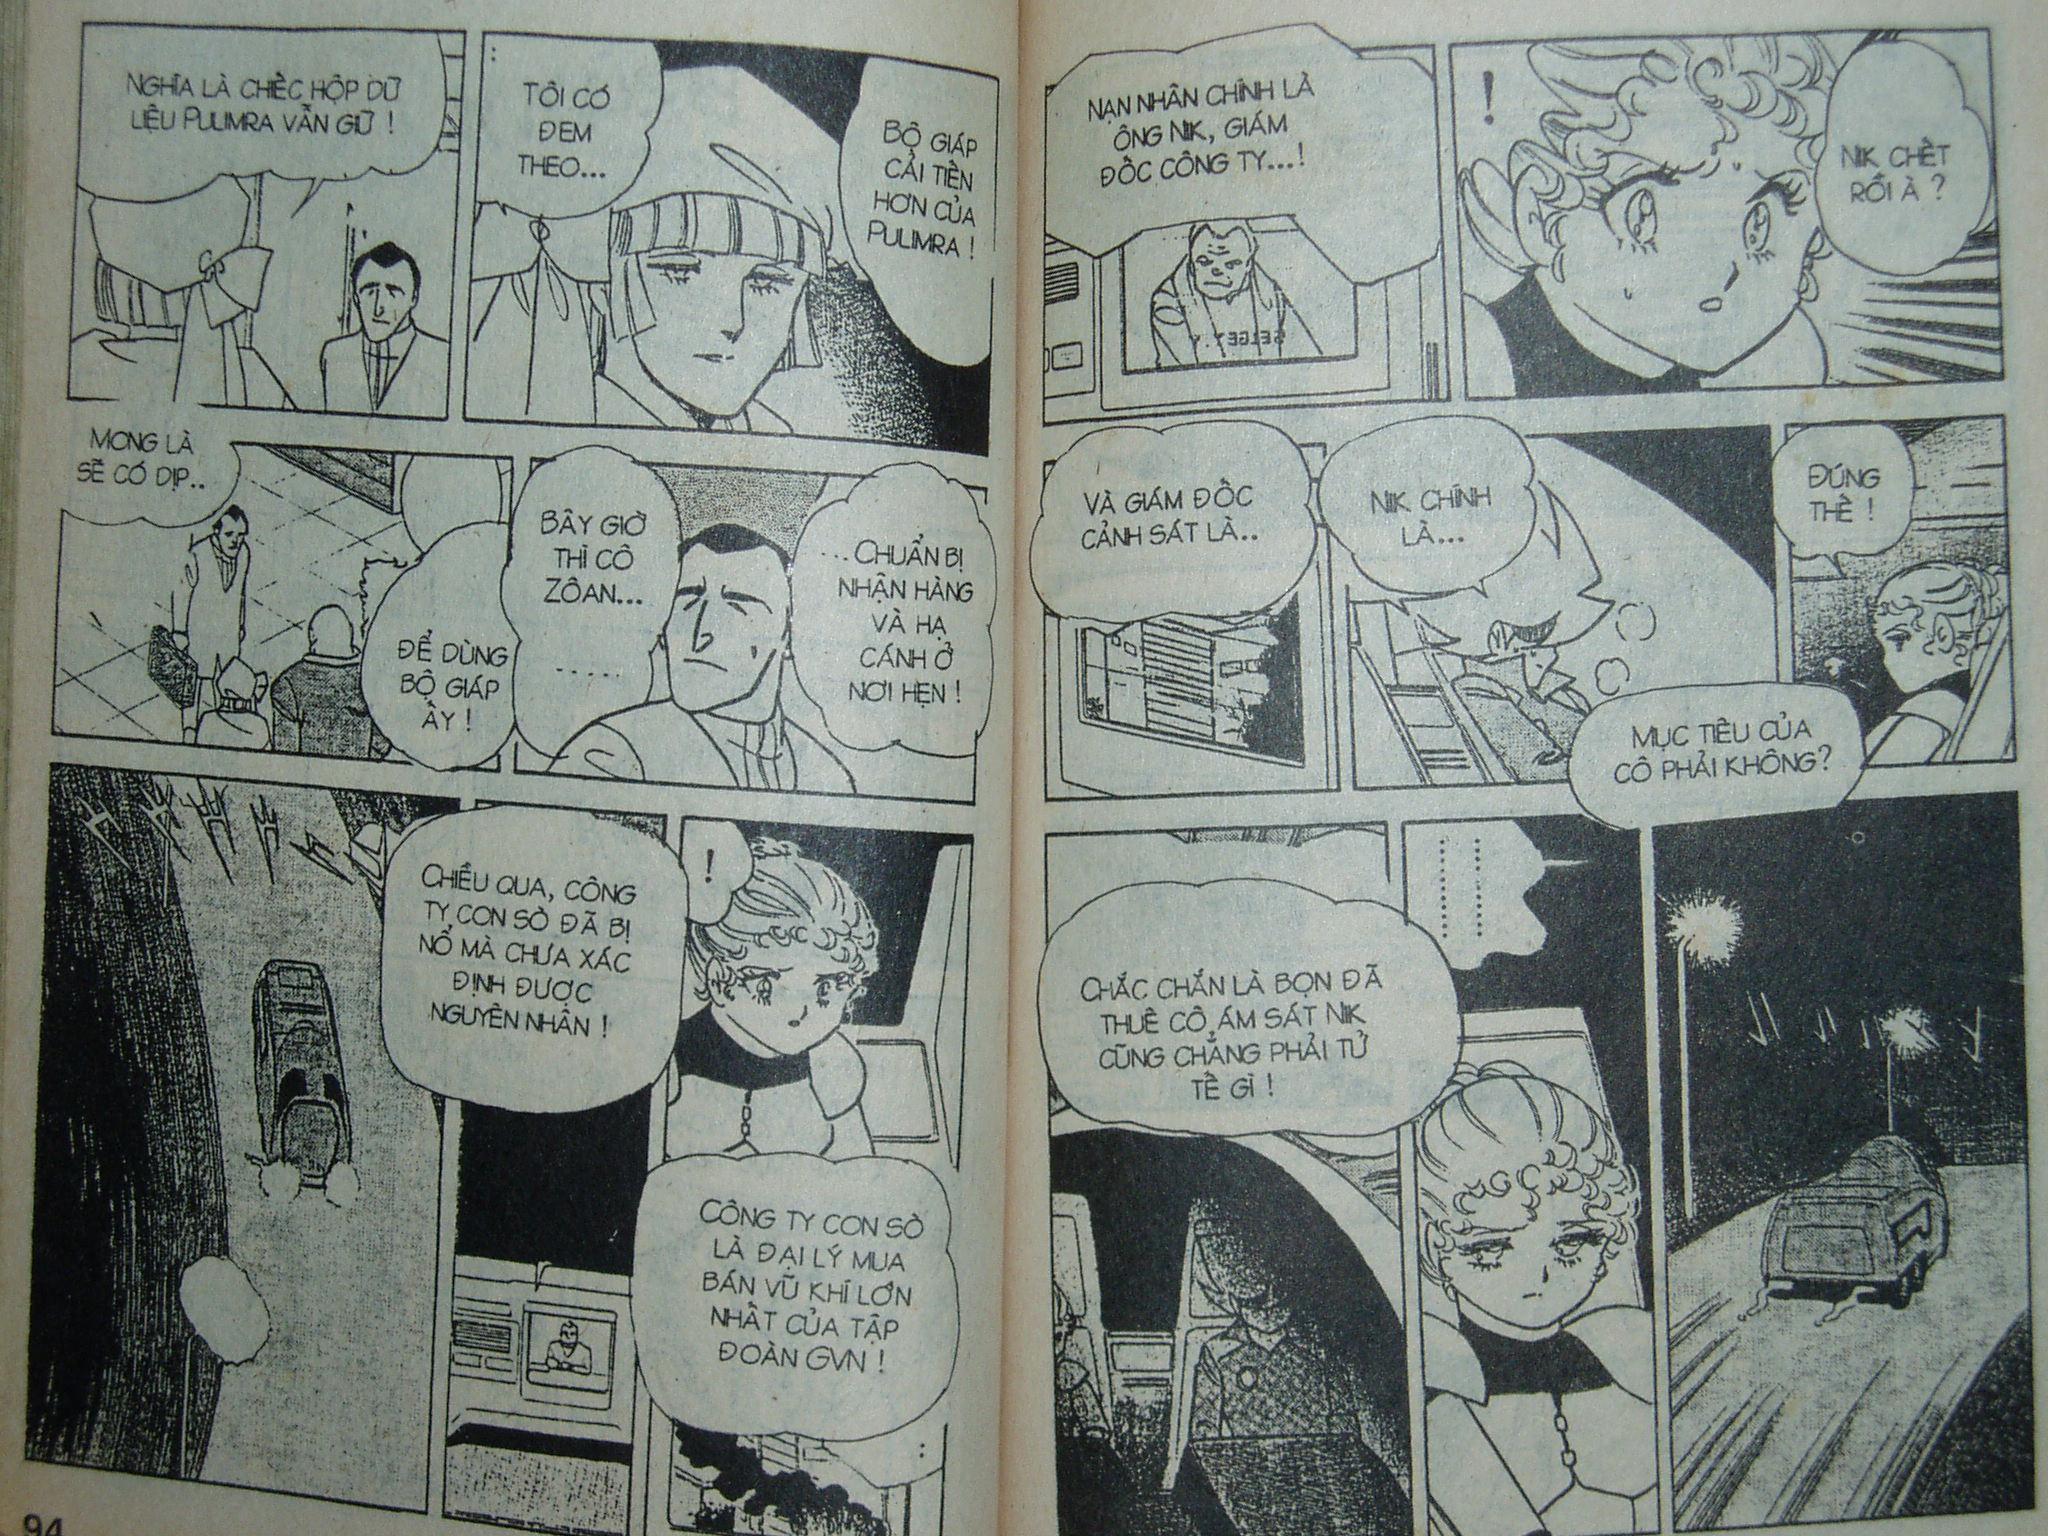 Siêu nhân Locke vol 16 trang 46